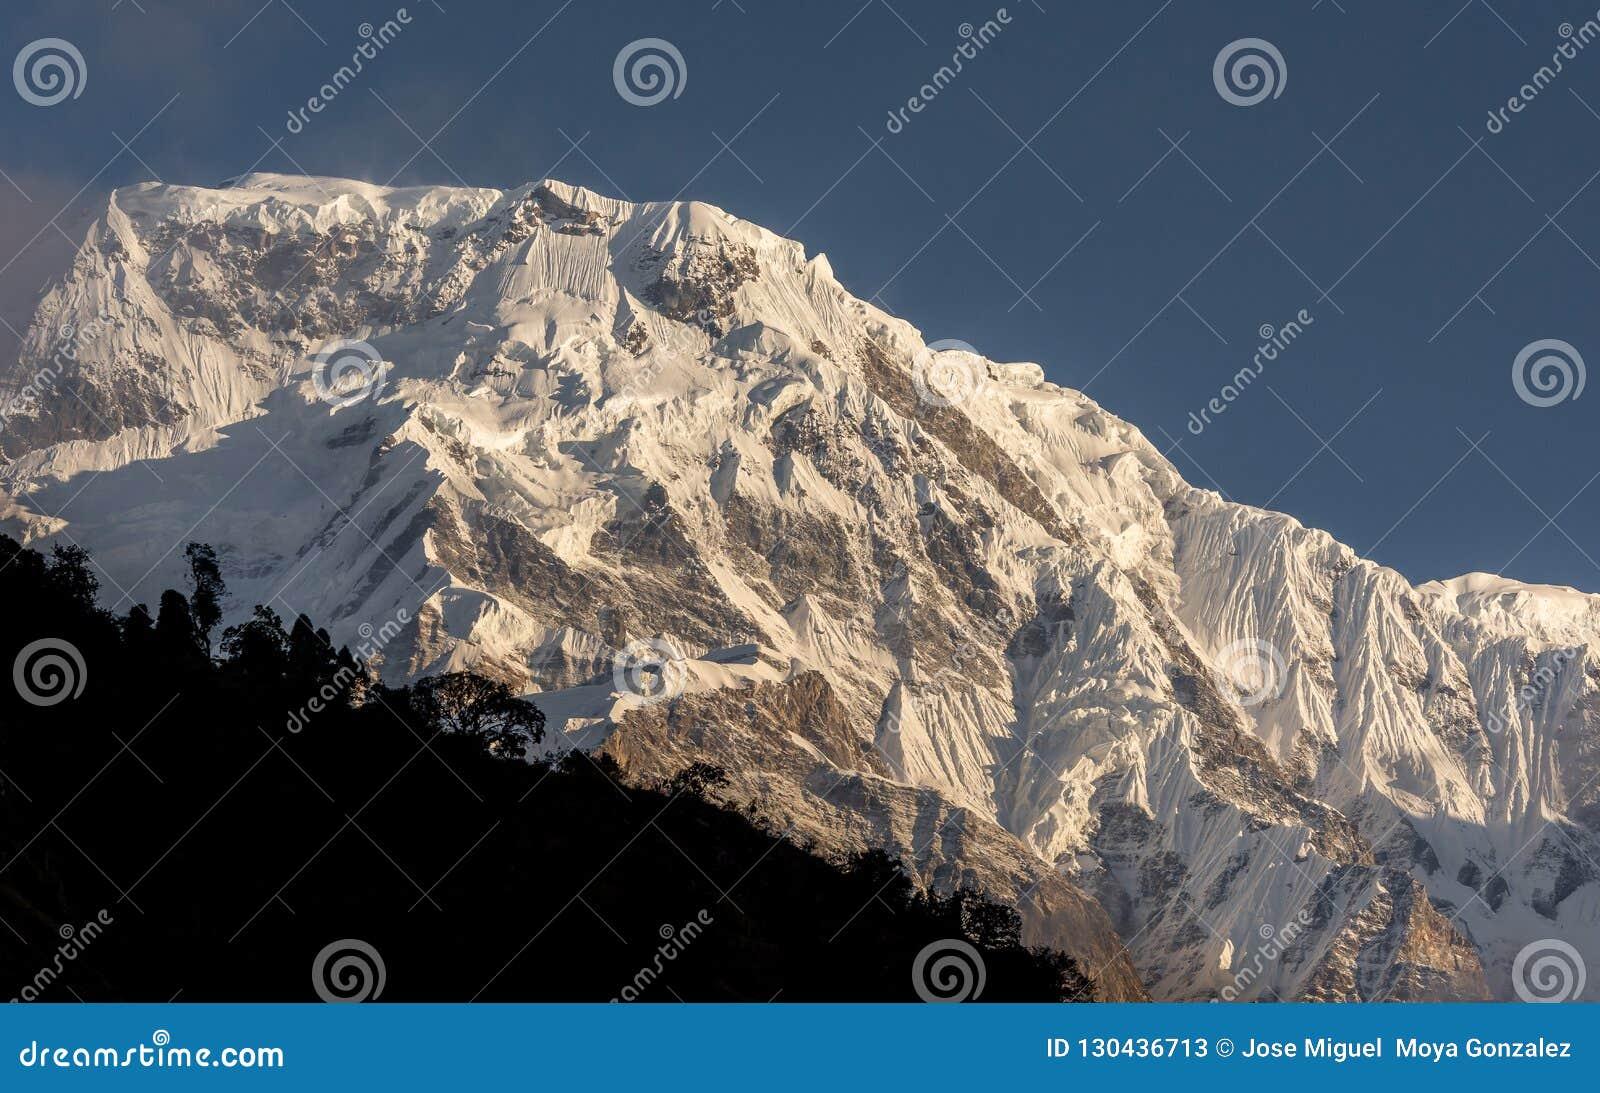 Cimeira snowcapped sul da montanha de Annapurna contra o céu azul no acampamento base de Annapurna que Trekking